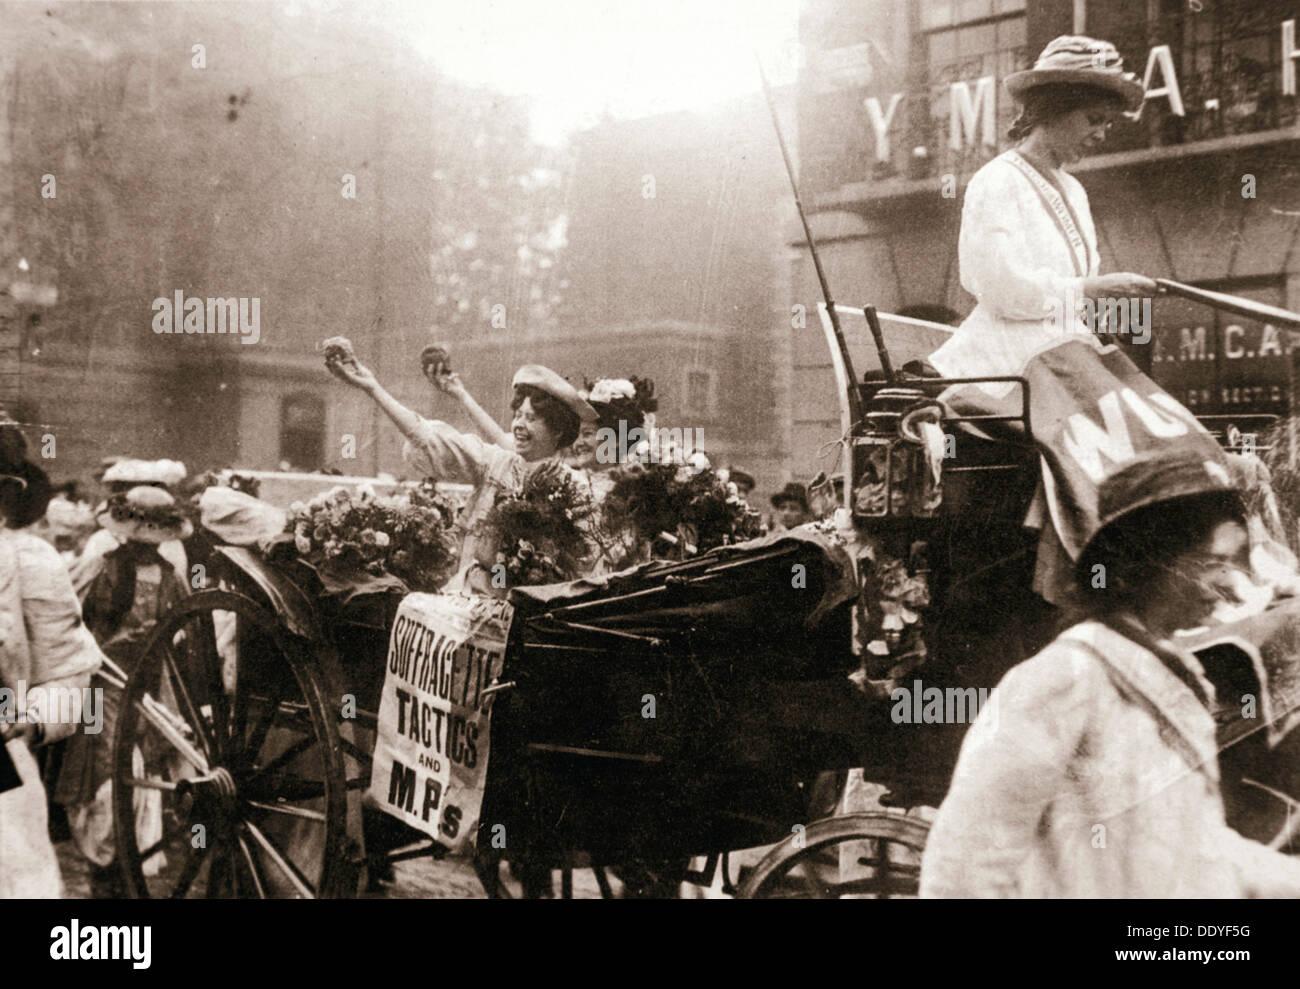 Deux suffragettes, célébrer leur libération de la prison de Holloway, à Londres, le 22 août 1908. Artiste: Inconnu Banque D'Images